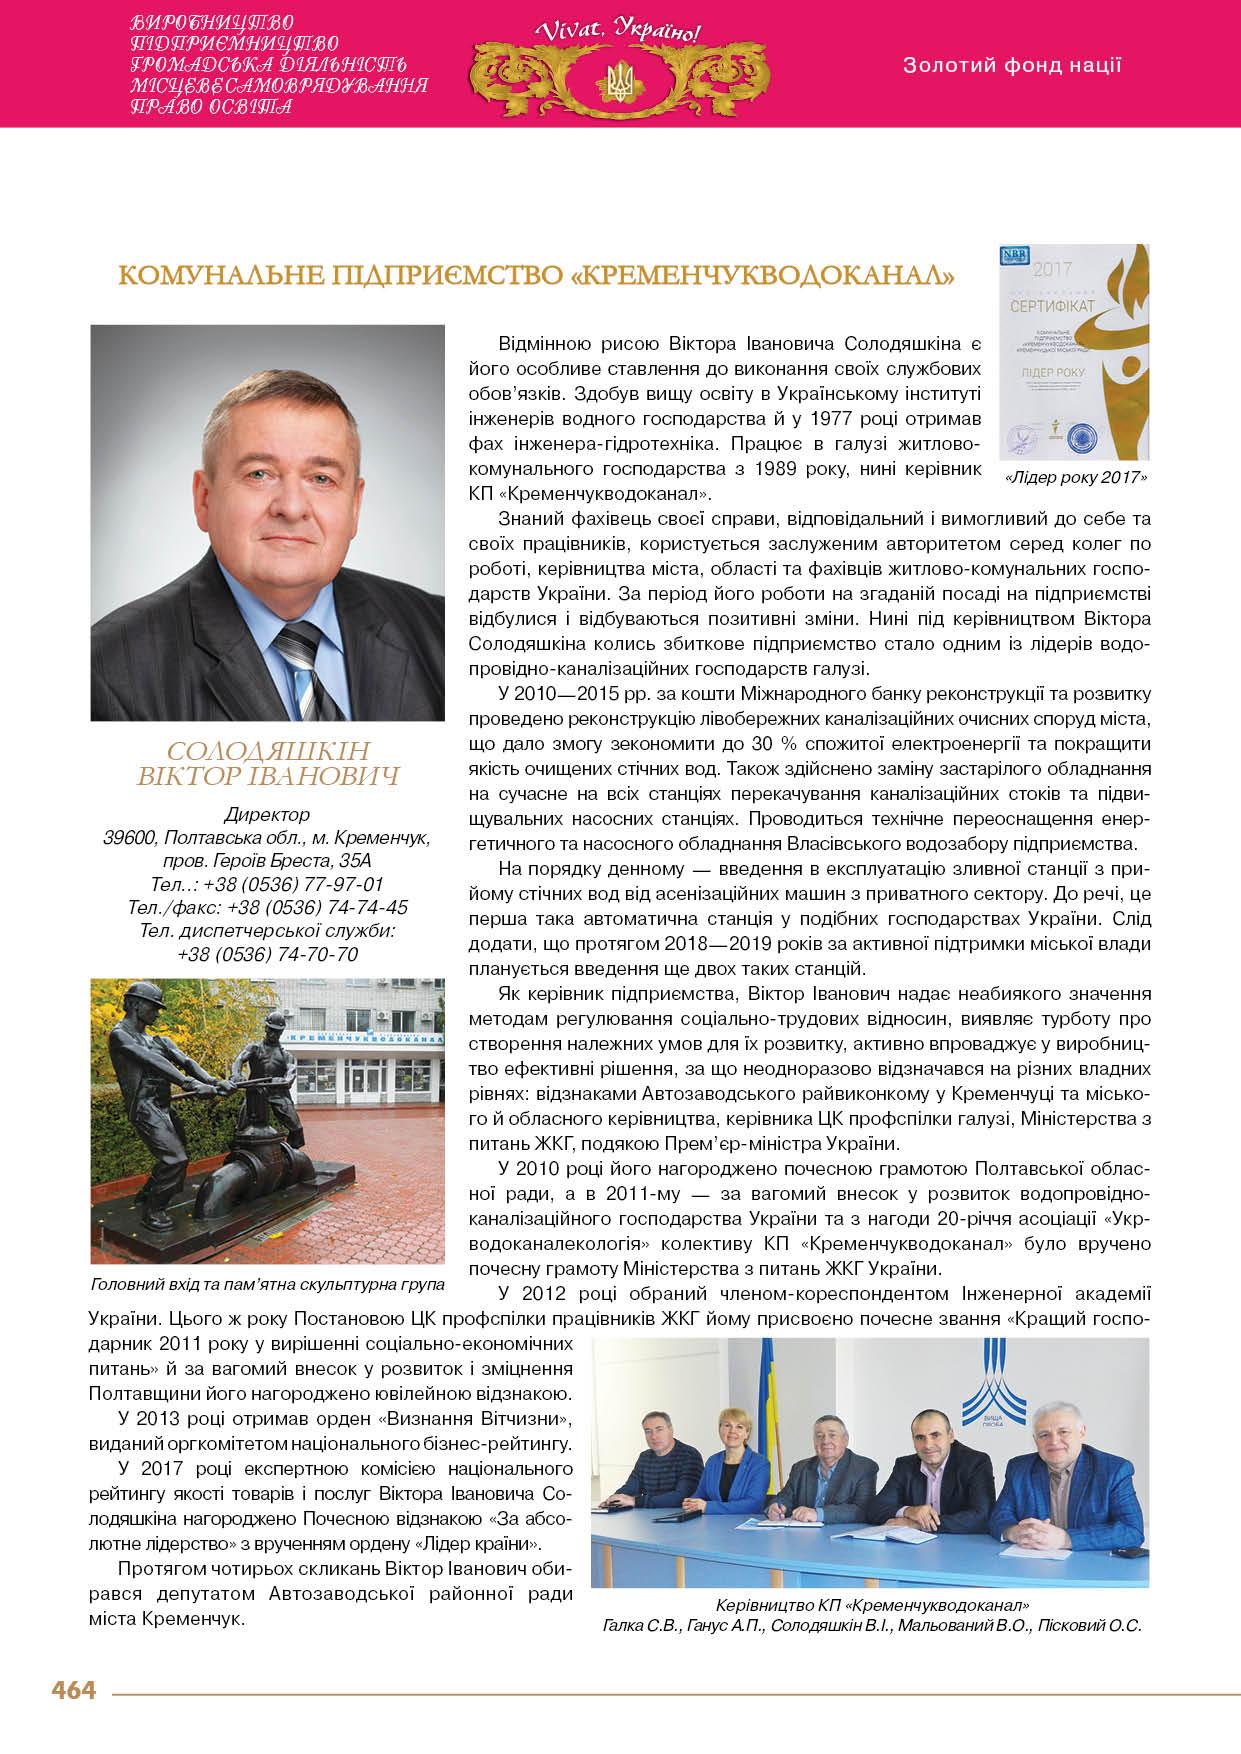 Комунальне підприємство «Кременчукводоканал» - Солодяшкін Віктор Іванович